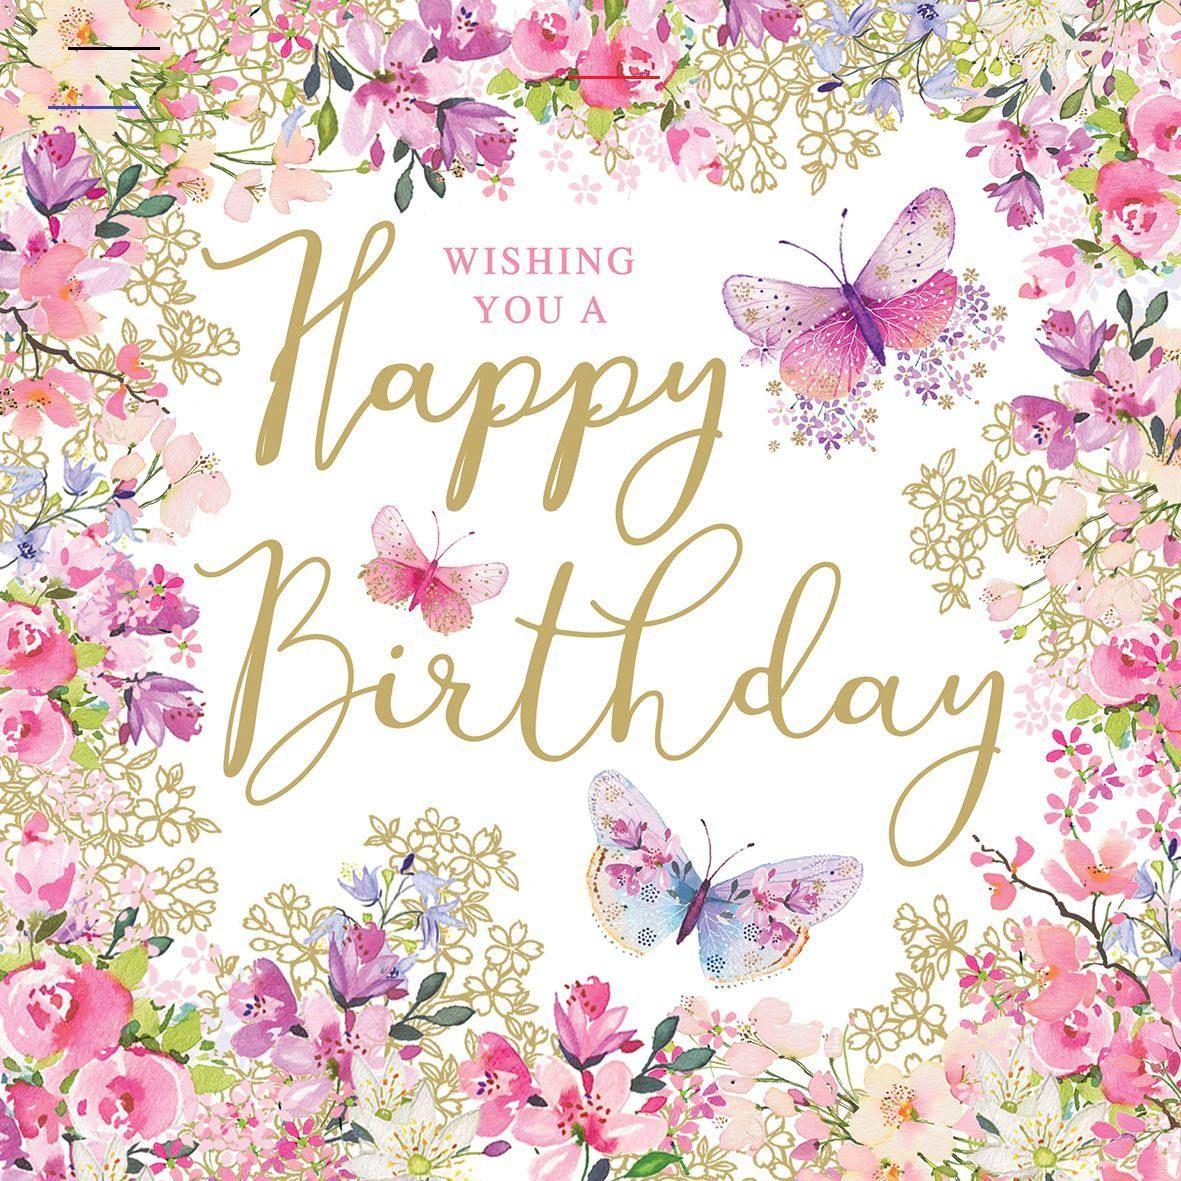 Happybirthdaywishes In 2020 Geburtstag Blumen Glucklicher Geburtstag Happy Birthday